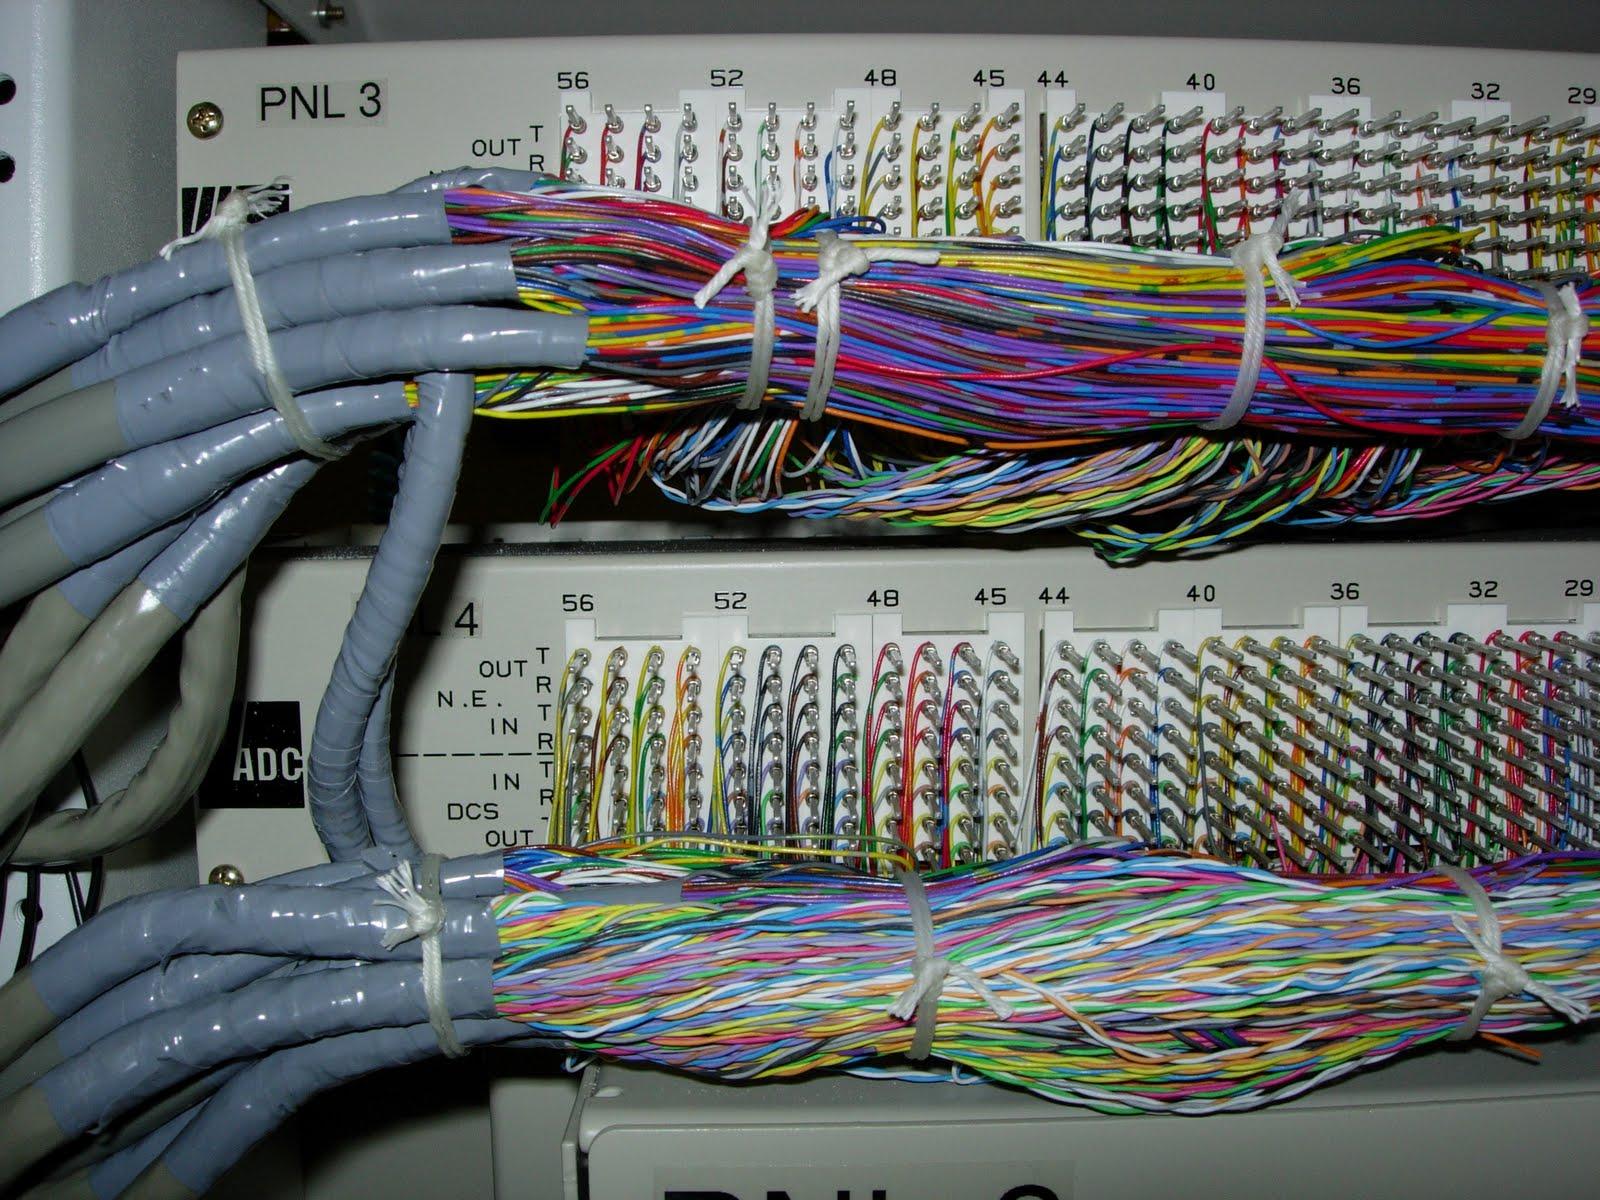 dsx panel wiring diagram wiring diagrams konsult dsx panel wiring diagram [ 1600 x 1200 Pixel ]